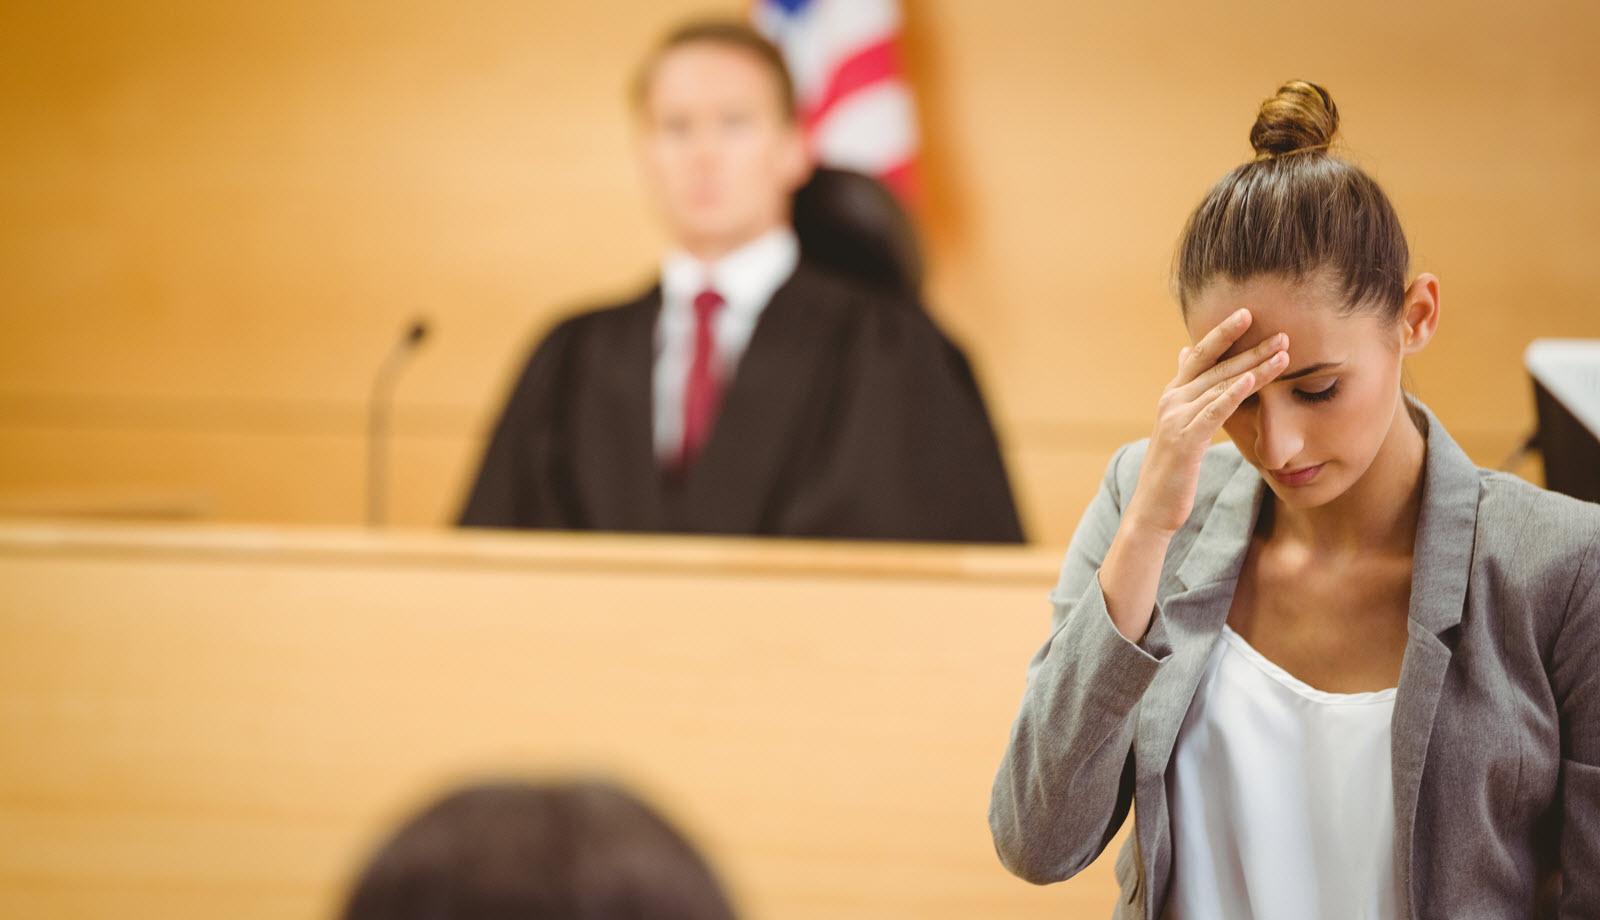 Asesoría Jurídica - Los descargos y la versión libre como mecanismo de defensa